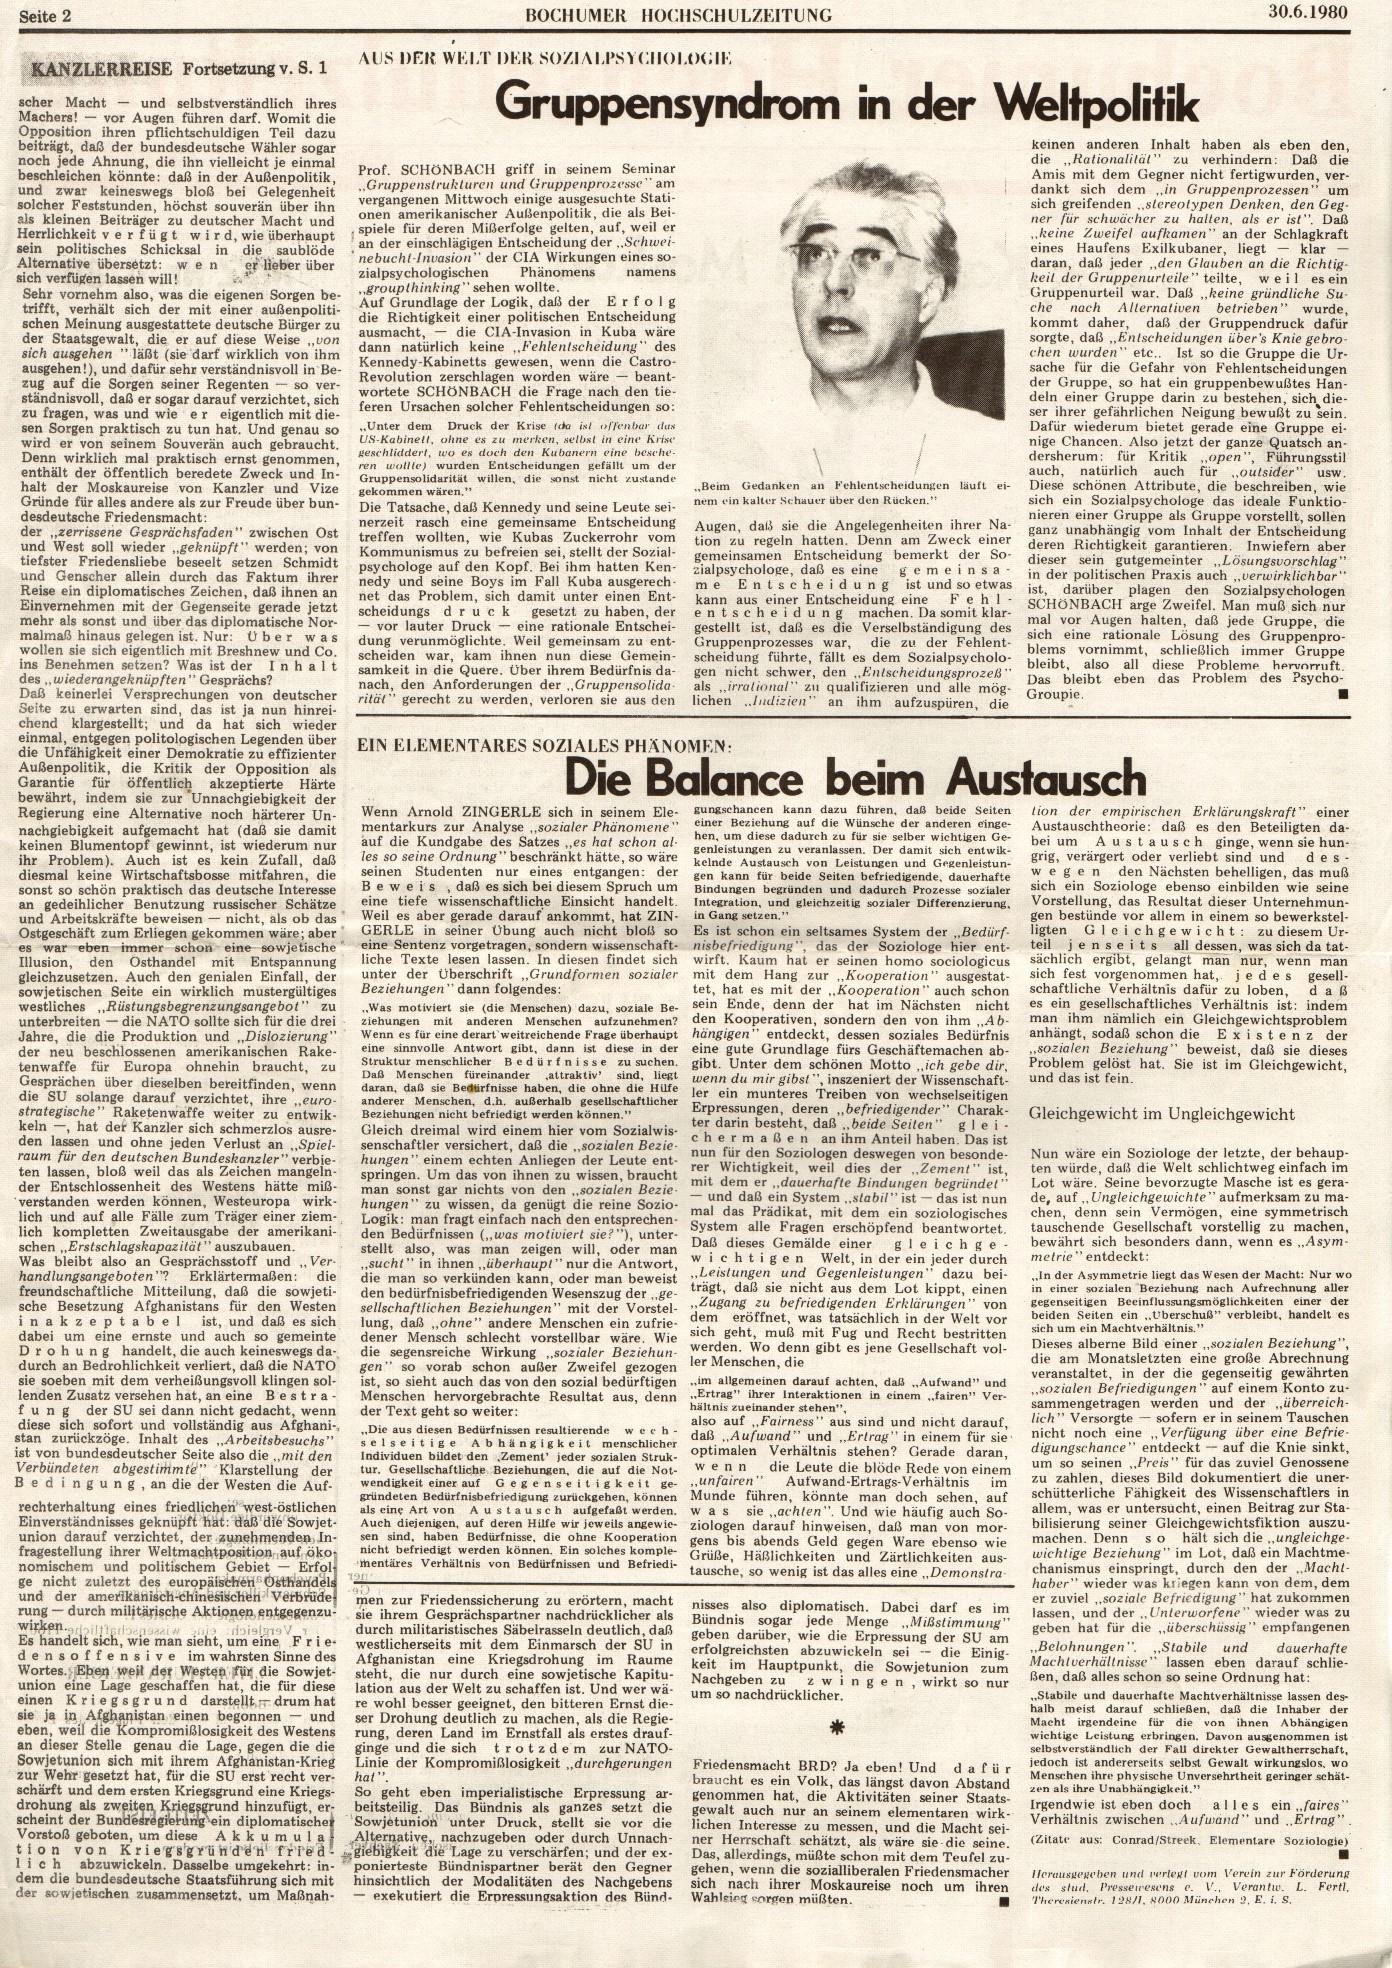 MG_Bochumer_Hochschulzeitung_19800630_02